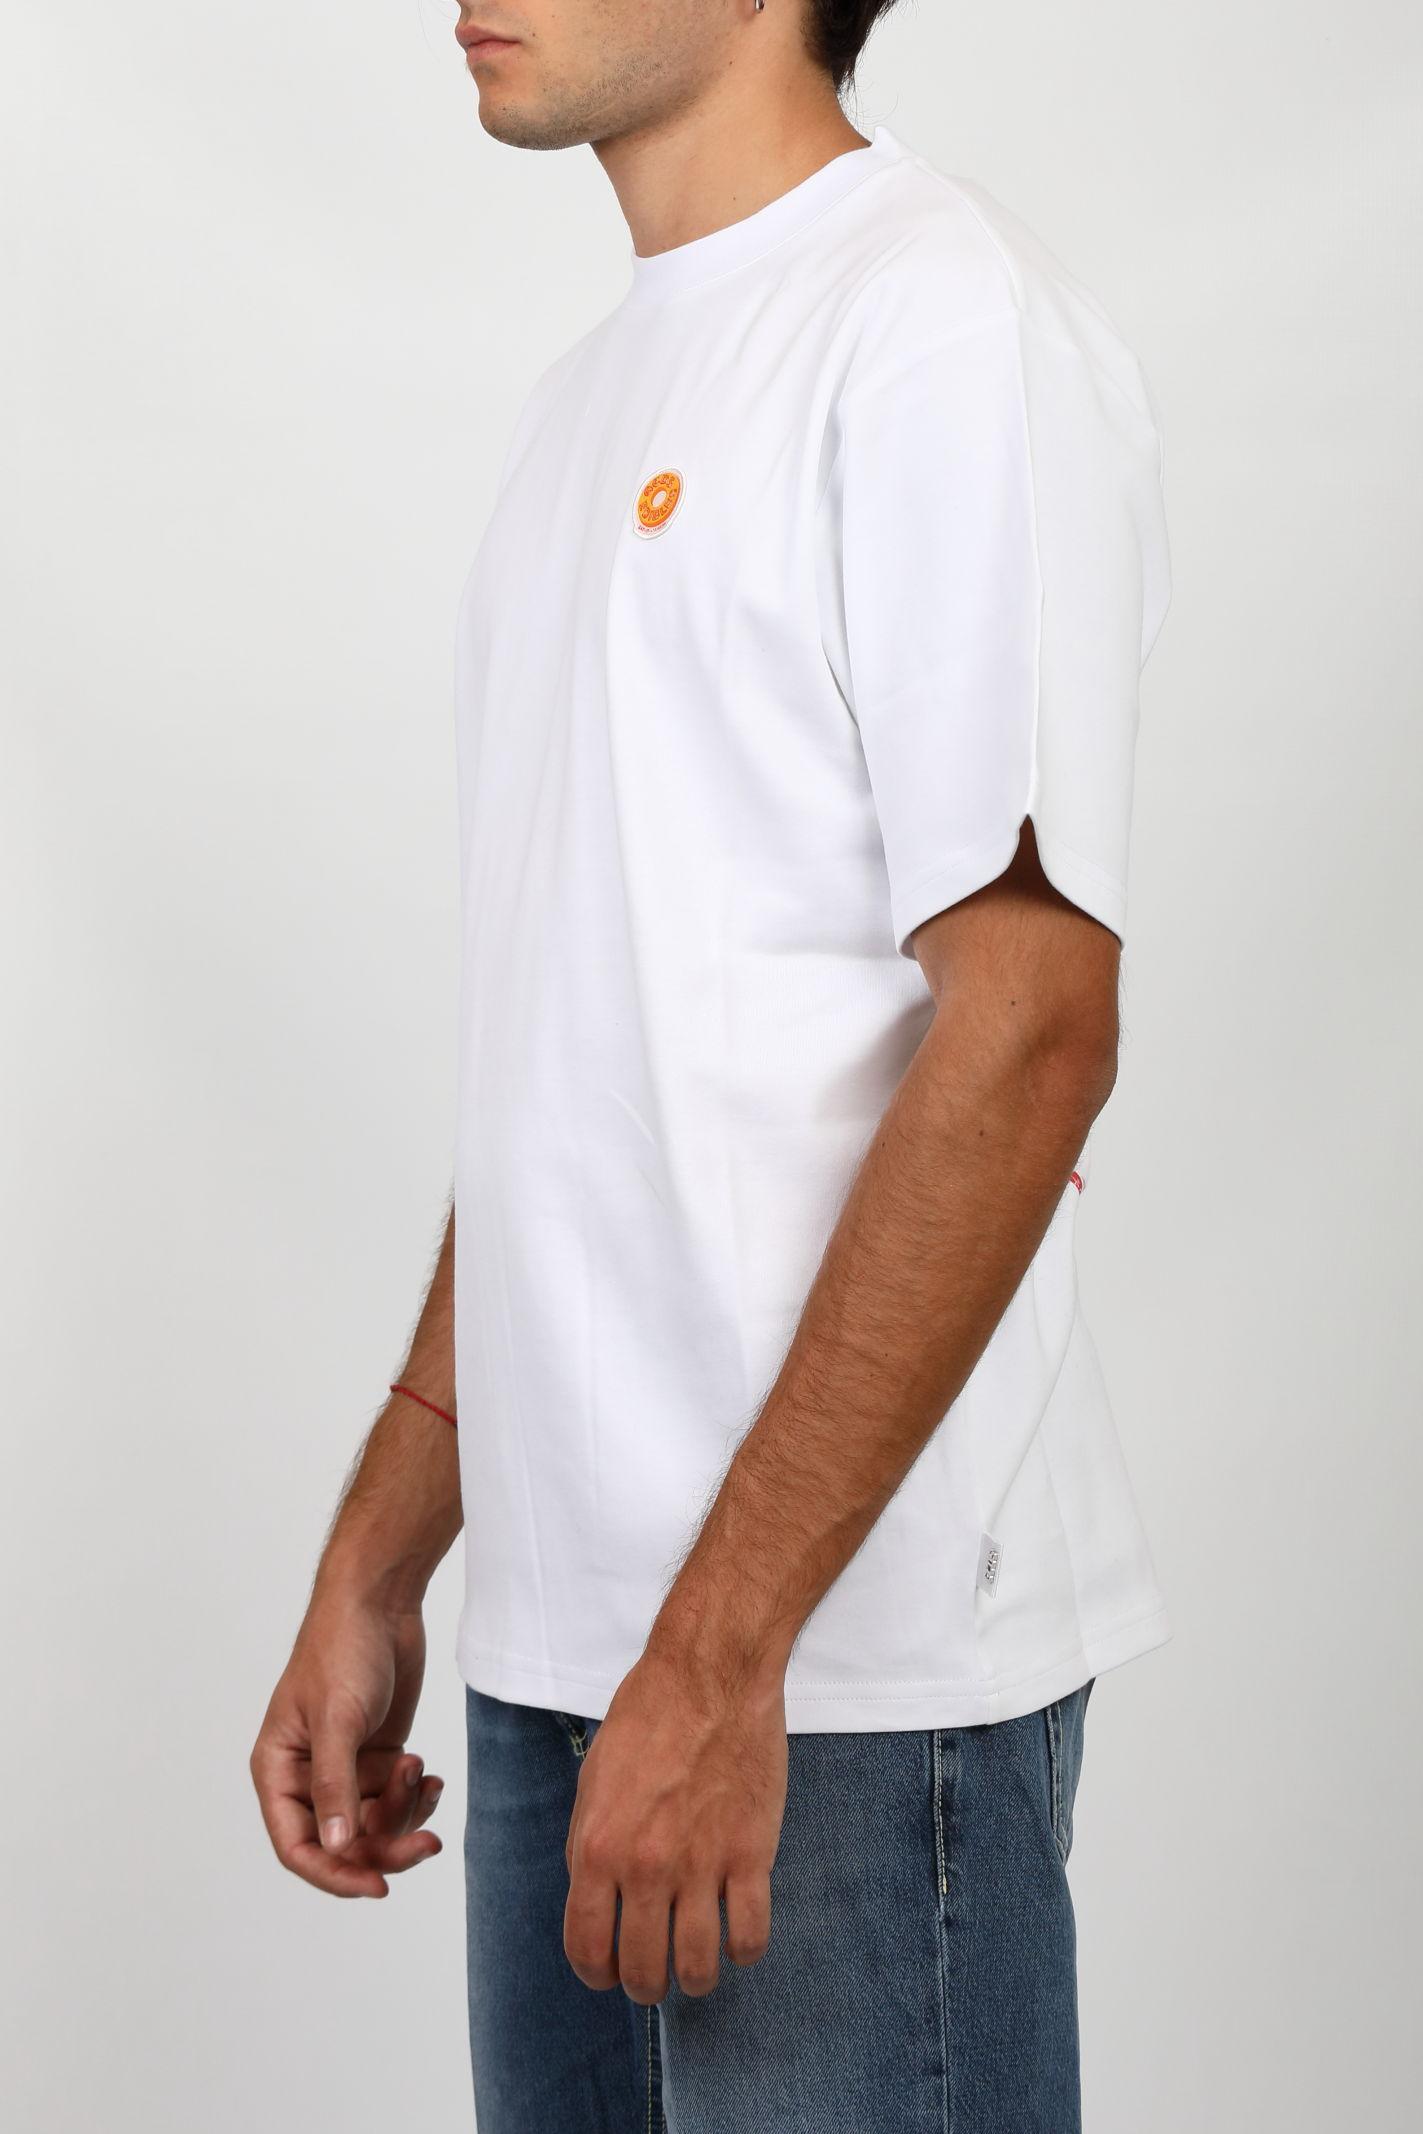 REGULAR TEE CANDY GCDS | T-shirt | FW22M02005401